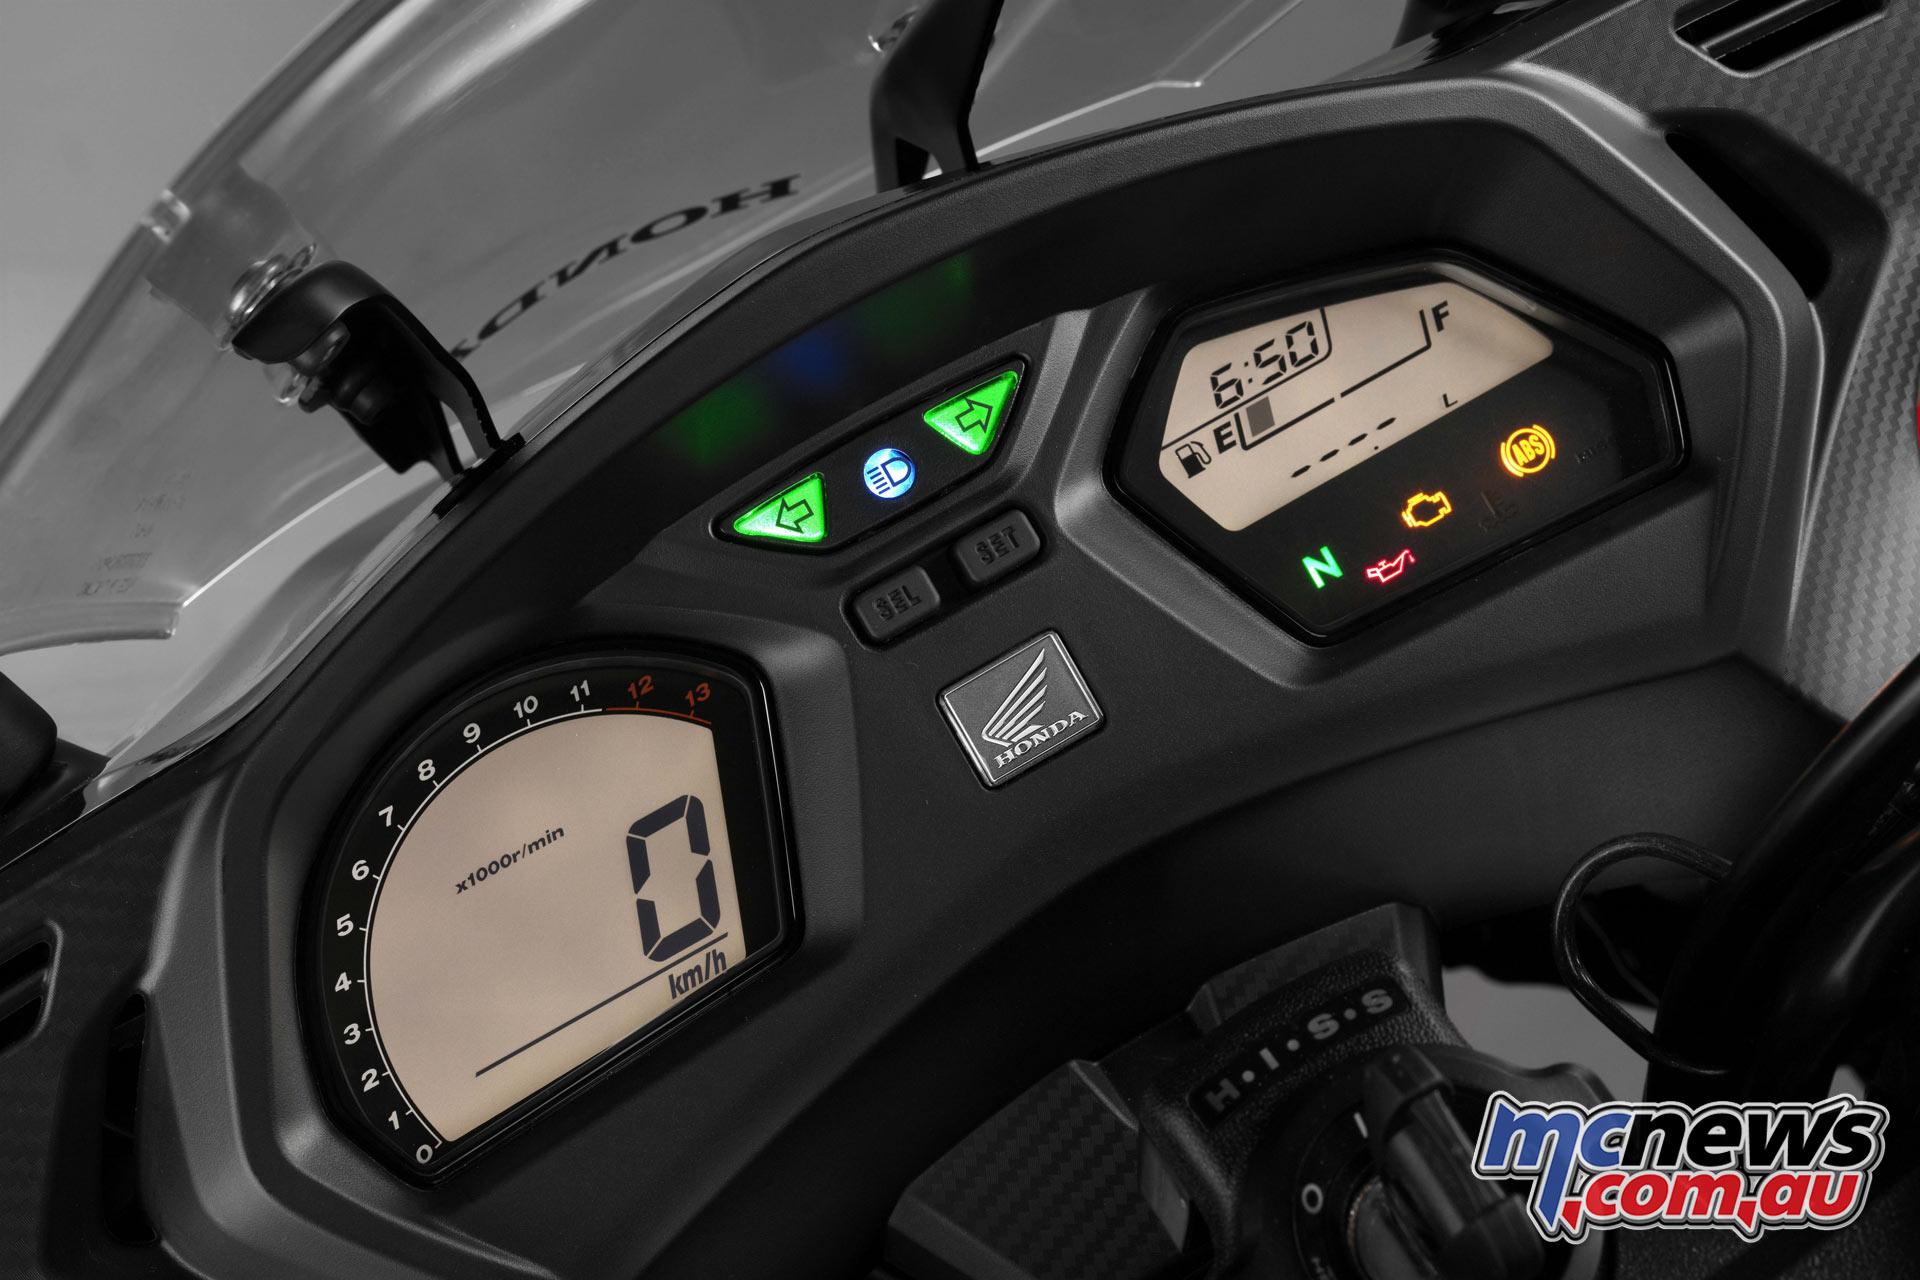 2017 Honda Cbr650f Mcnews Com Au